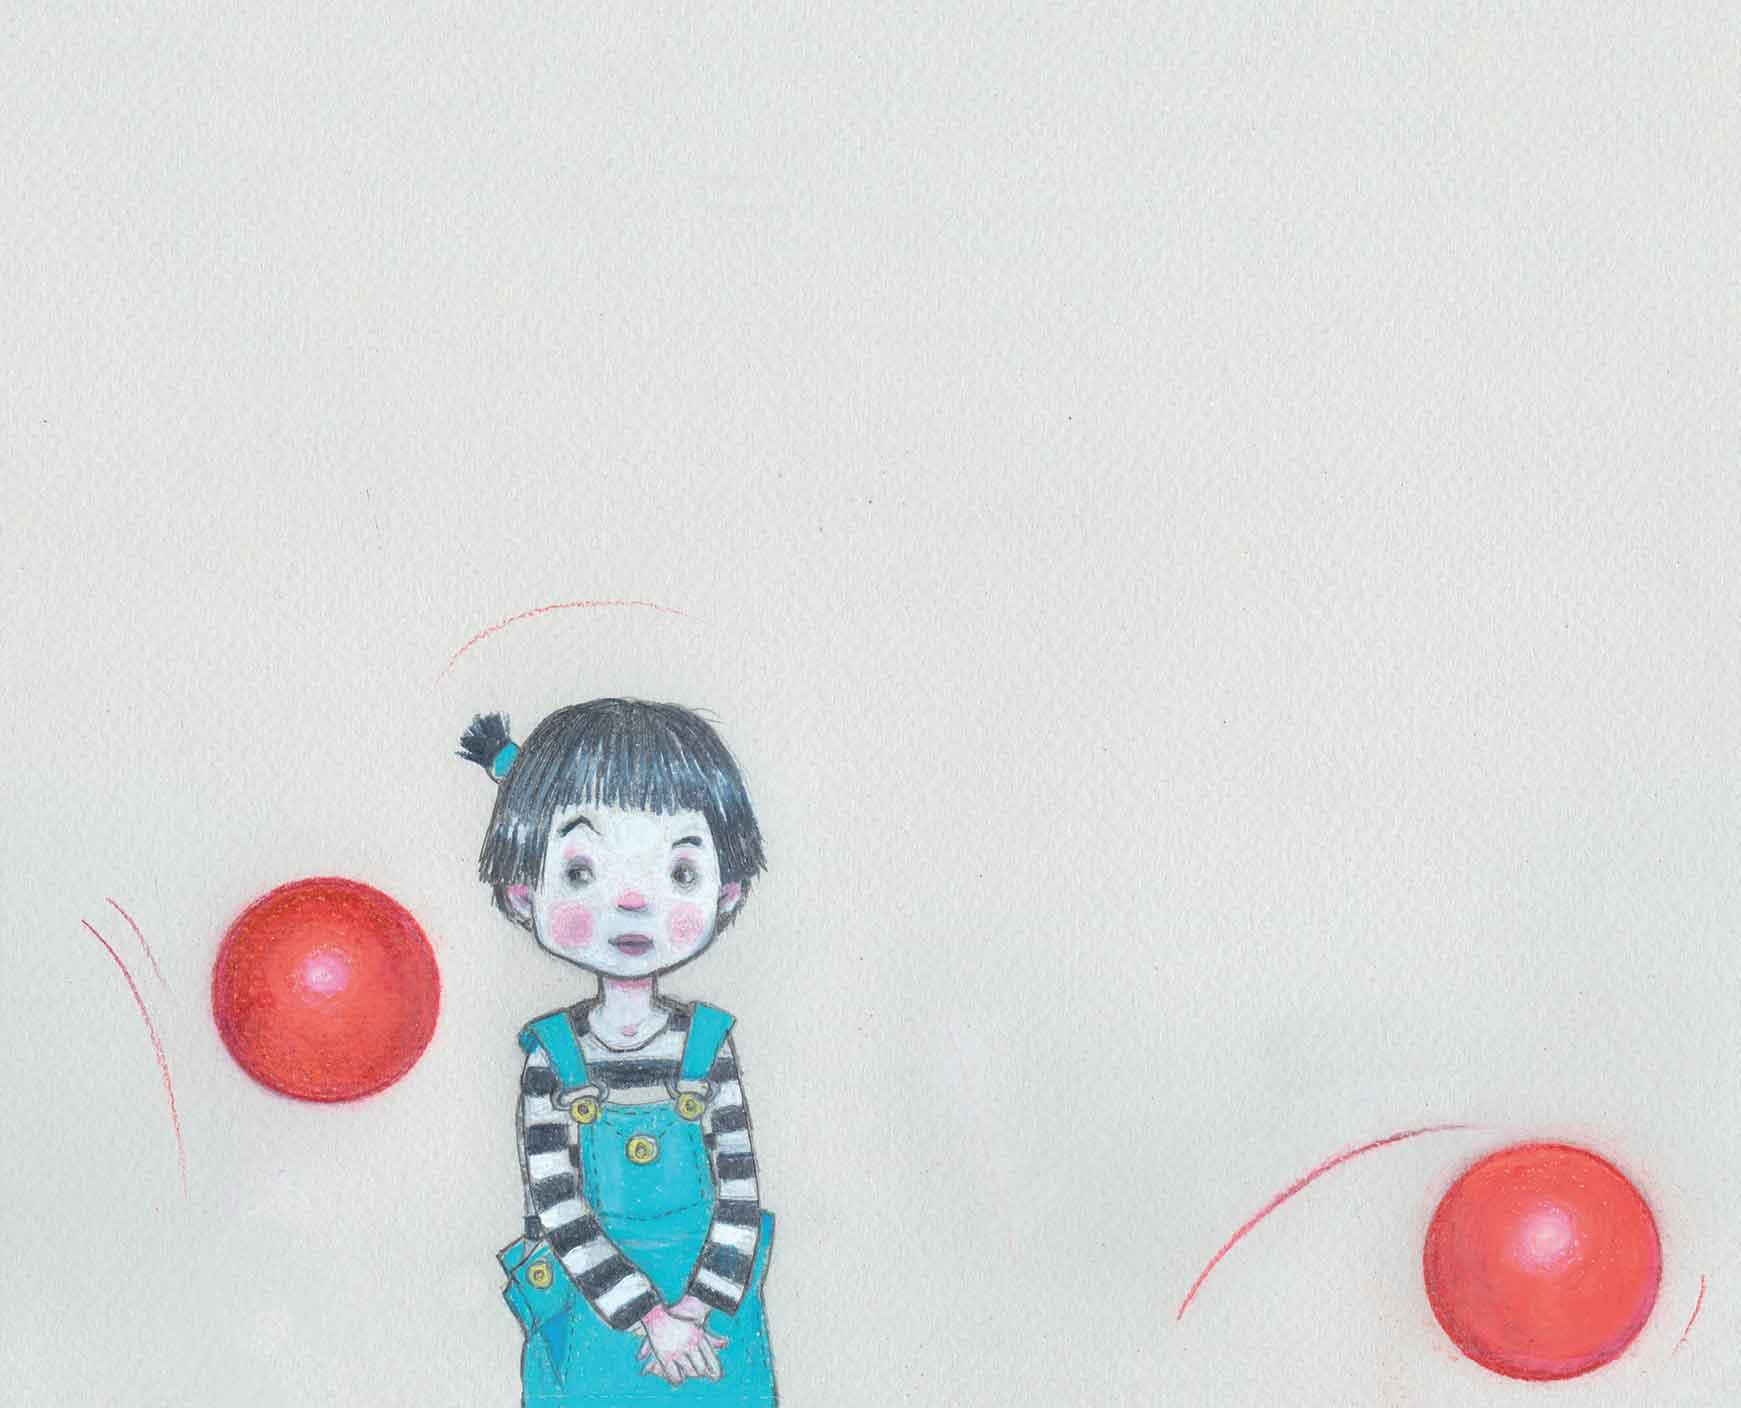 Piumini, La palla di Lela, libro illustrato per bambini, Interlinea edizioni